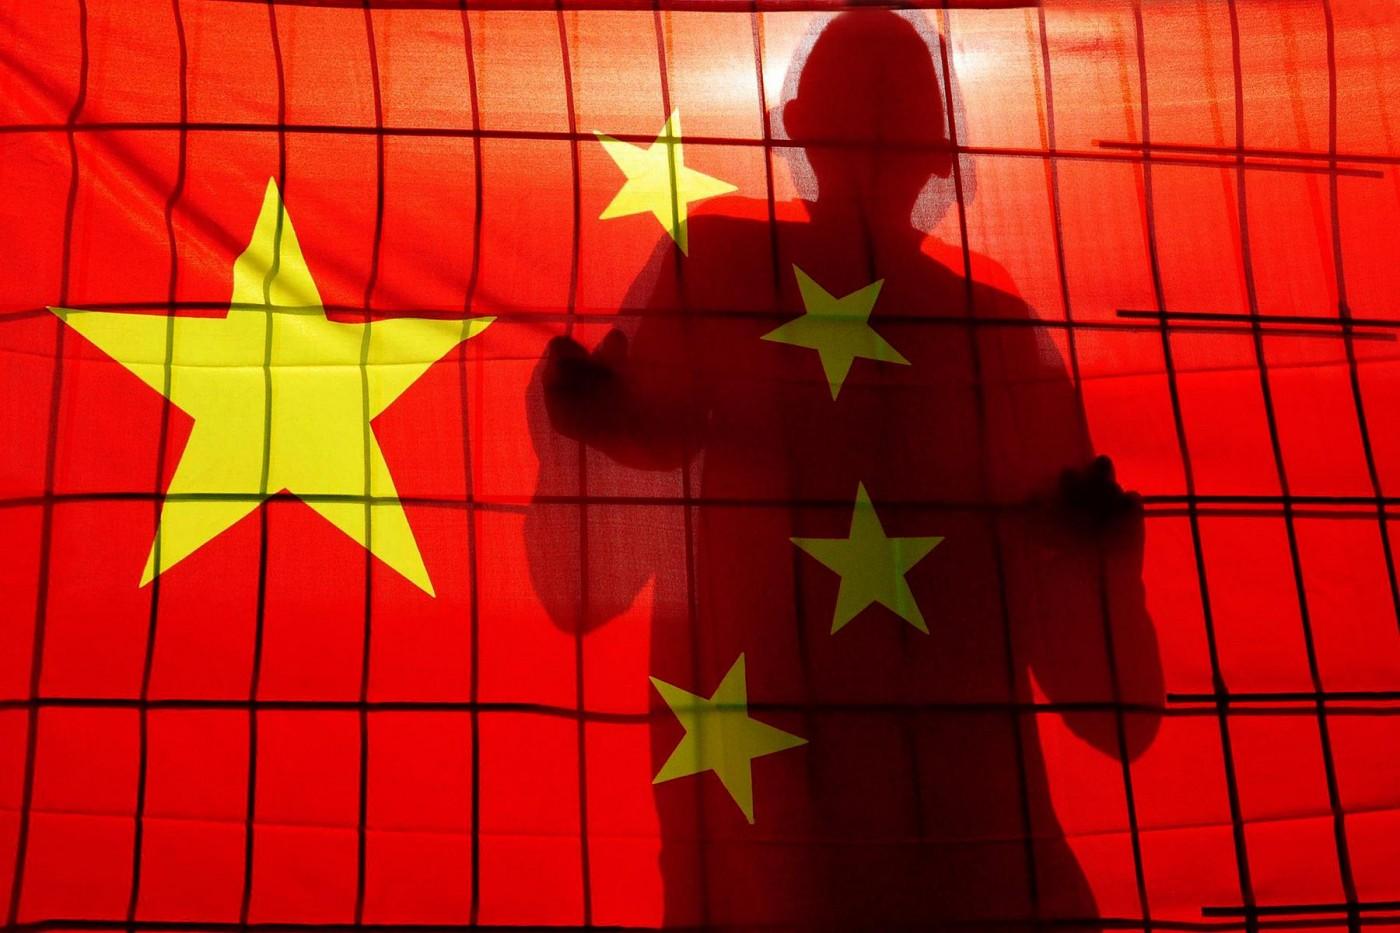 繼思想改造集中營之後,中國再爆清查新疆外國遊客手機檔案、強制下載監控軟體